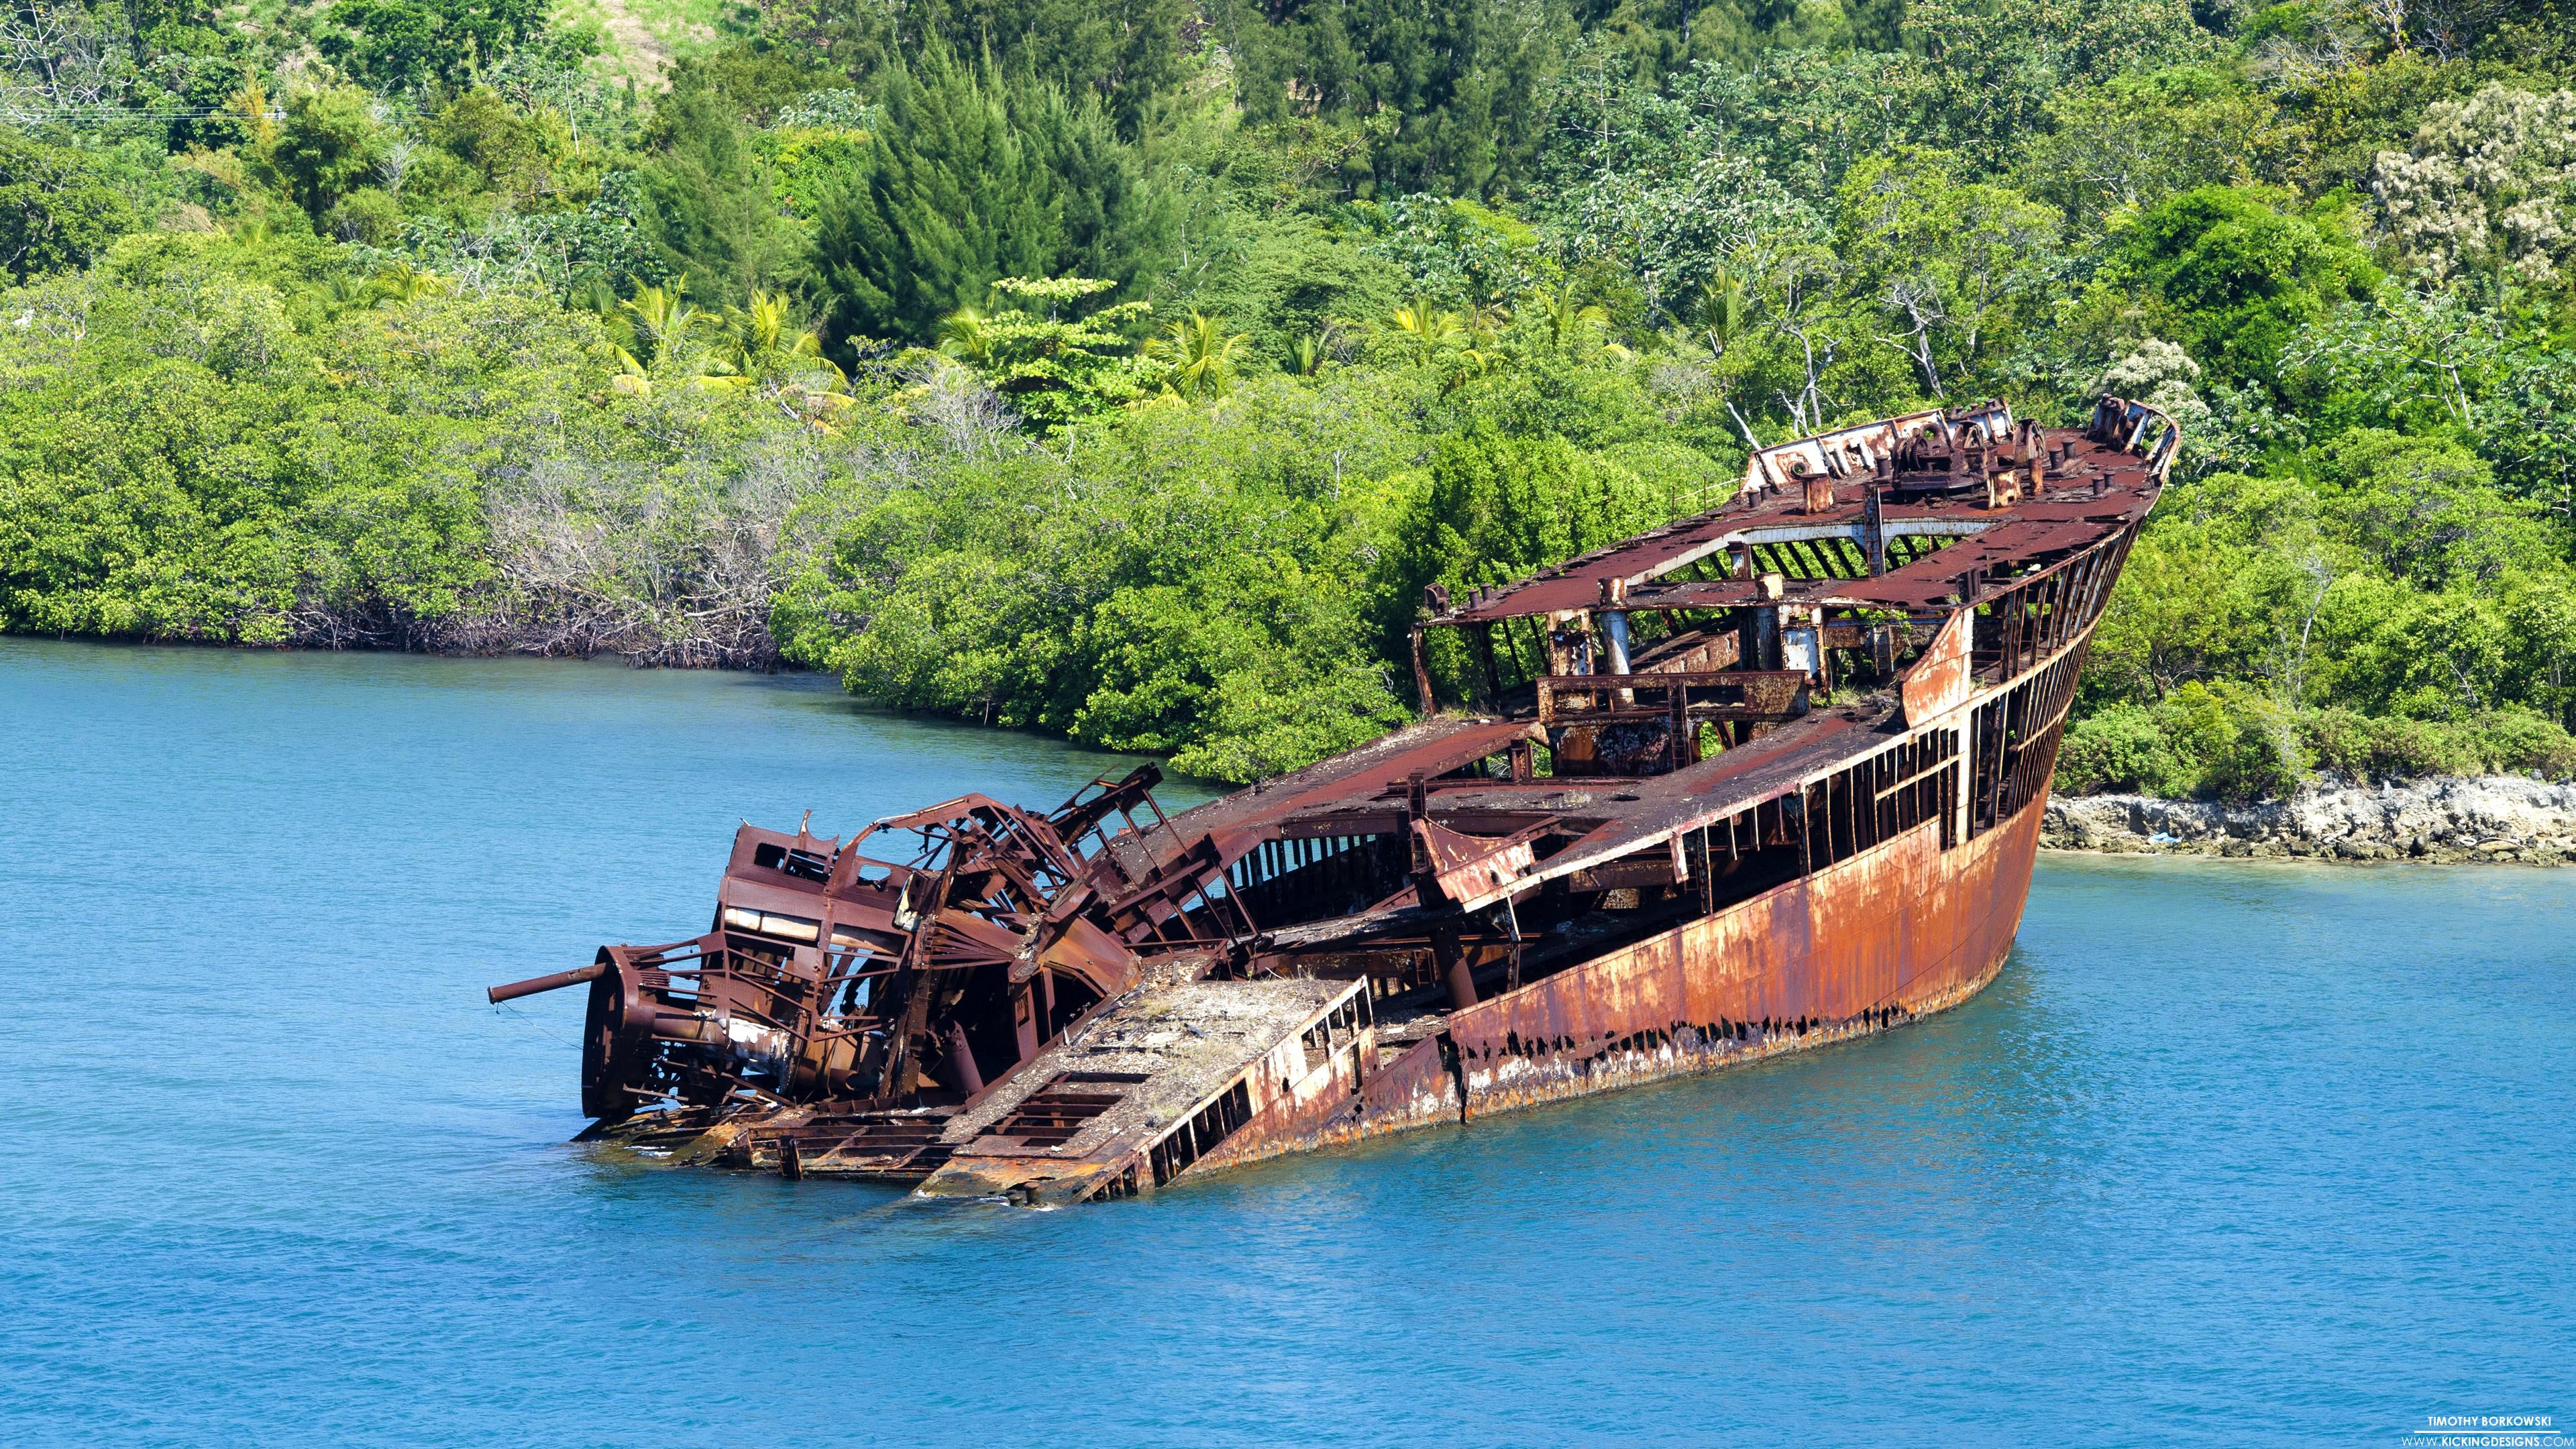 Res: 3840x2160, Roatan Shipwreck 5-28-2015